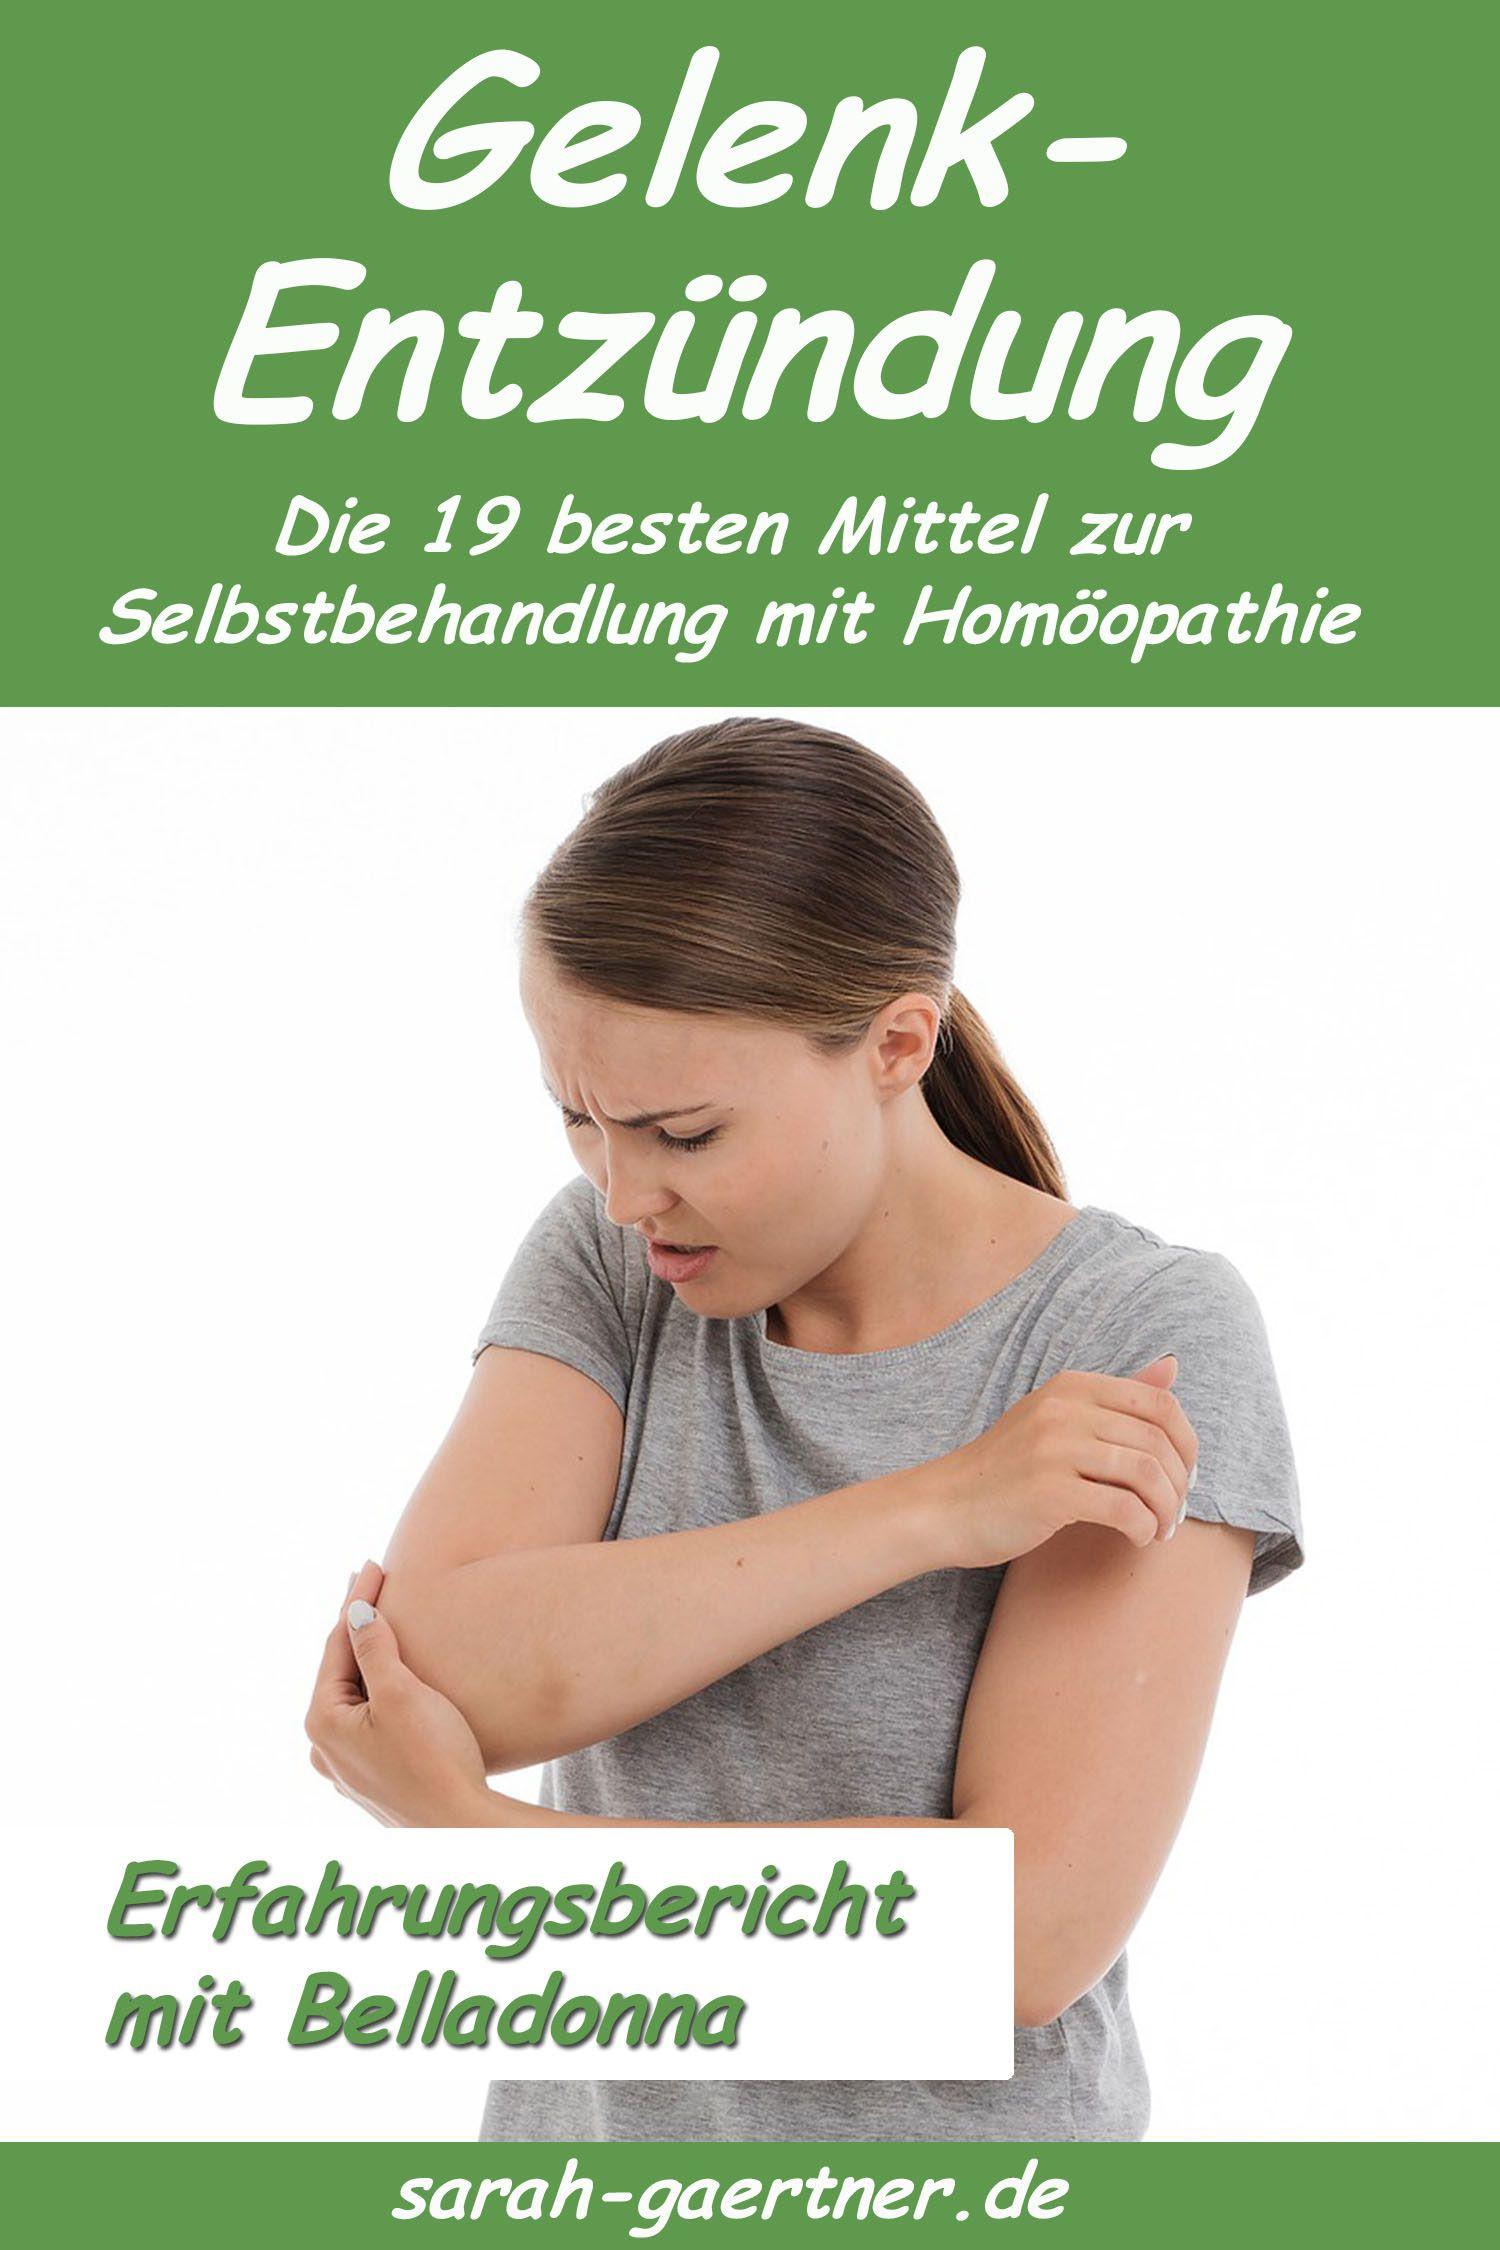 Gelenkentzündung - die 19 besten Homöopathie-Mittel in